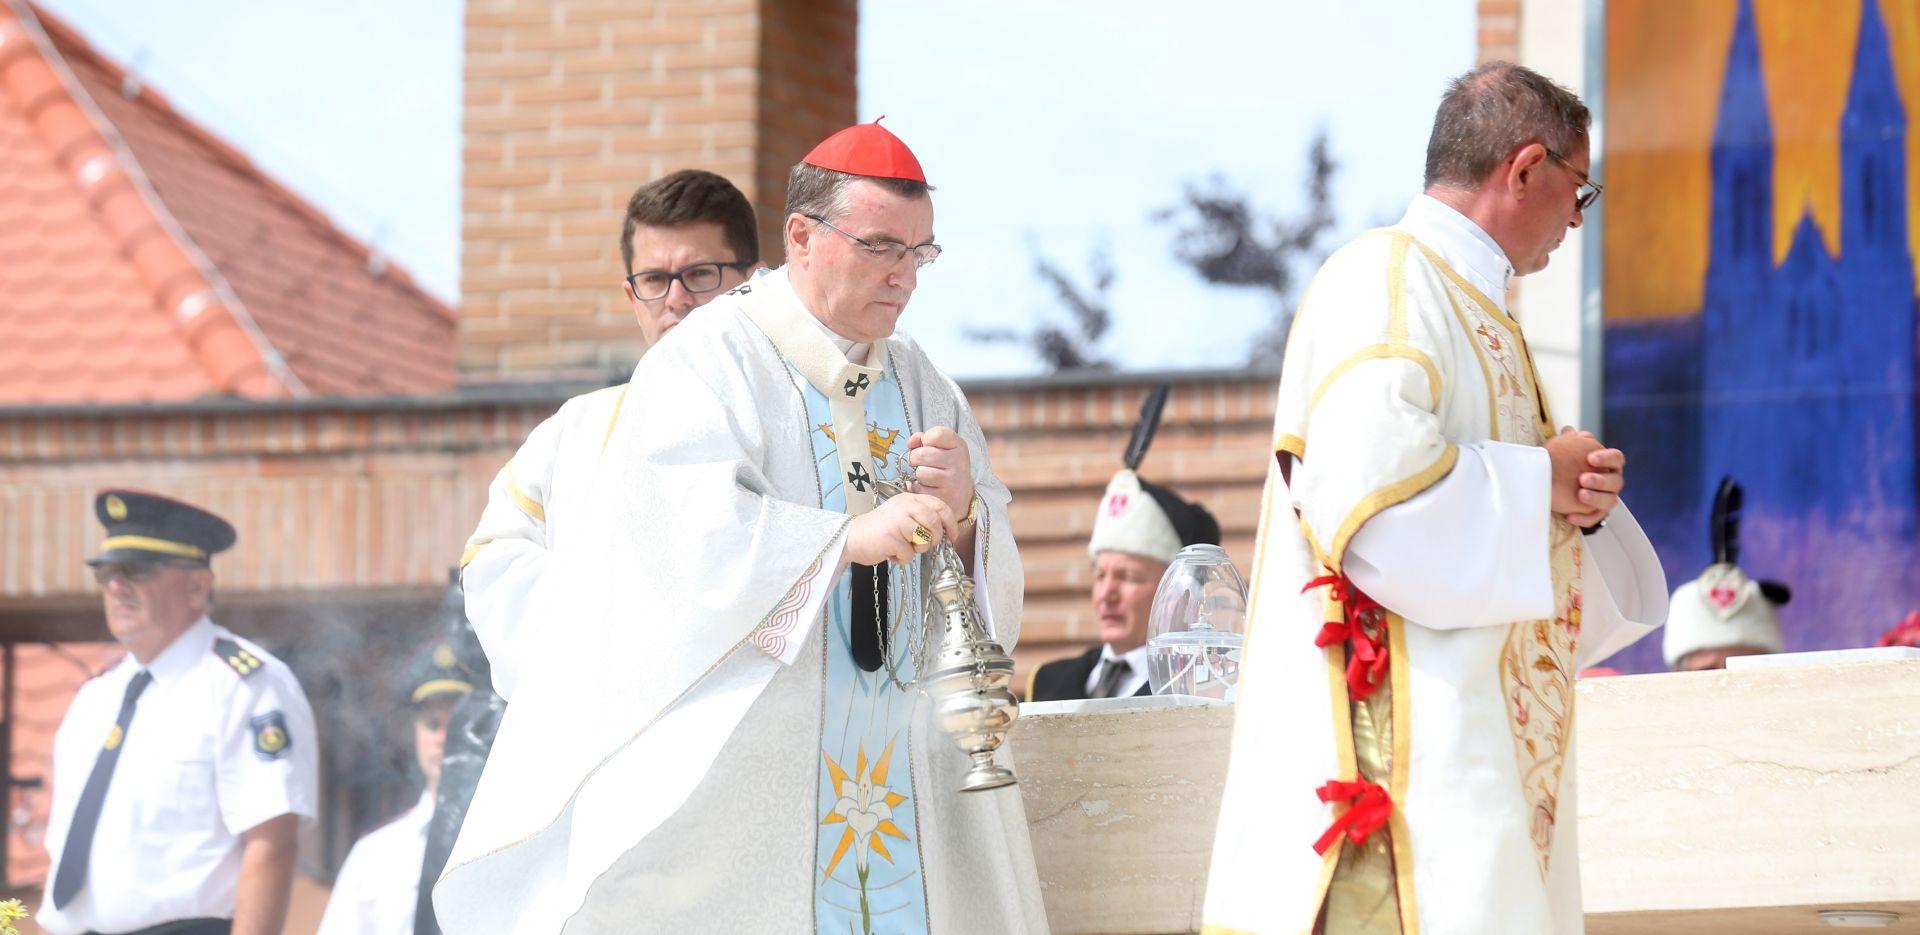 BOZANIĆ 'Crkva je sveta iako neki njeni članovi nisu bezgrješni'